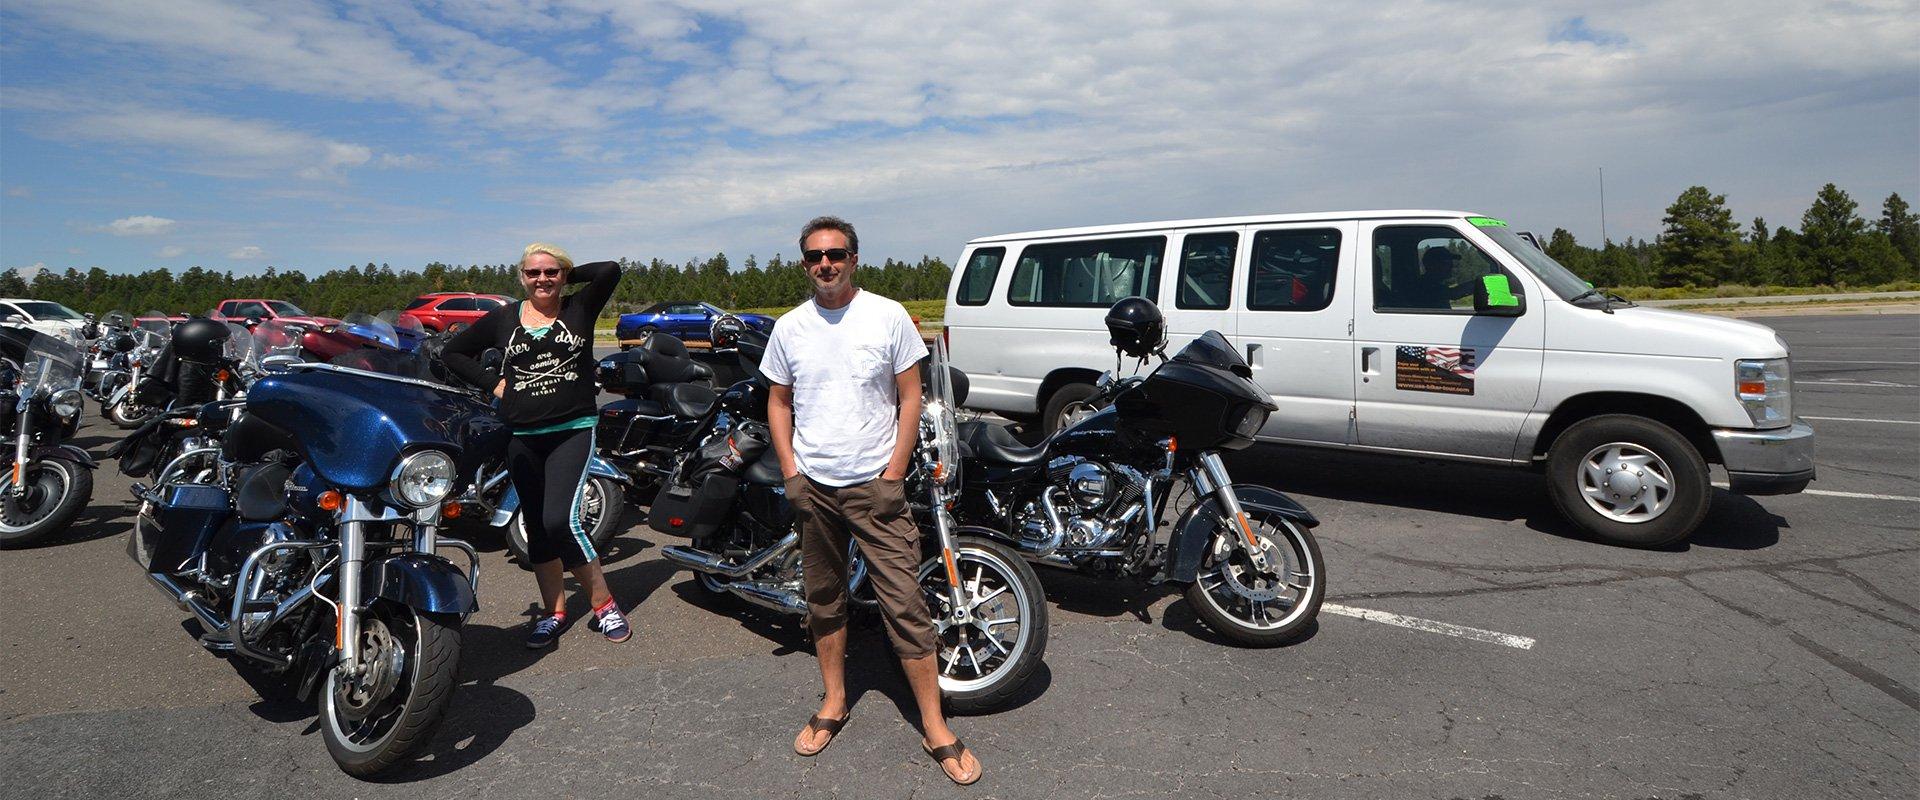 Большой тур на мотоциклах